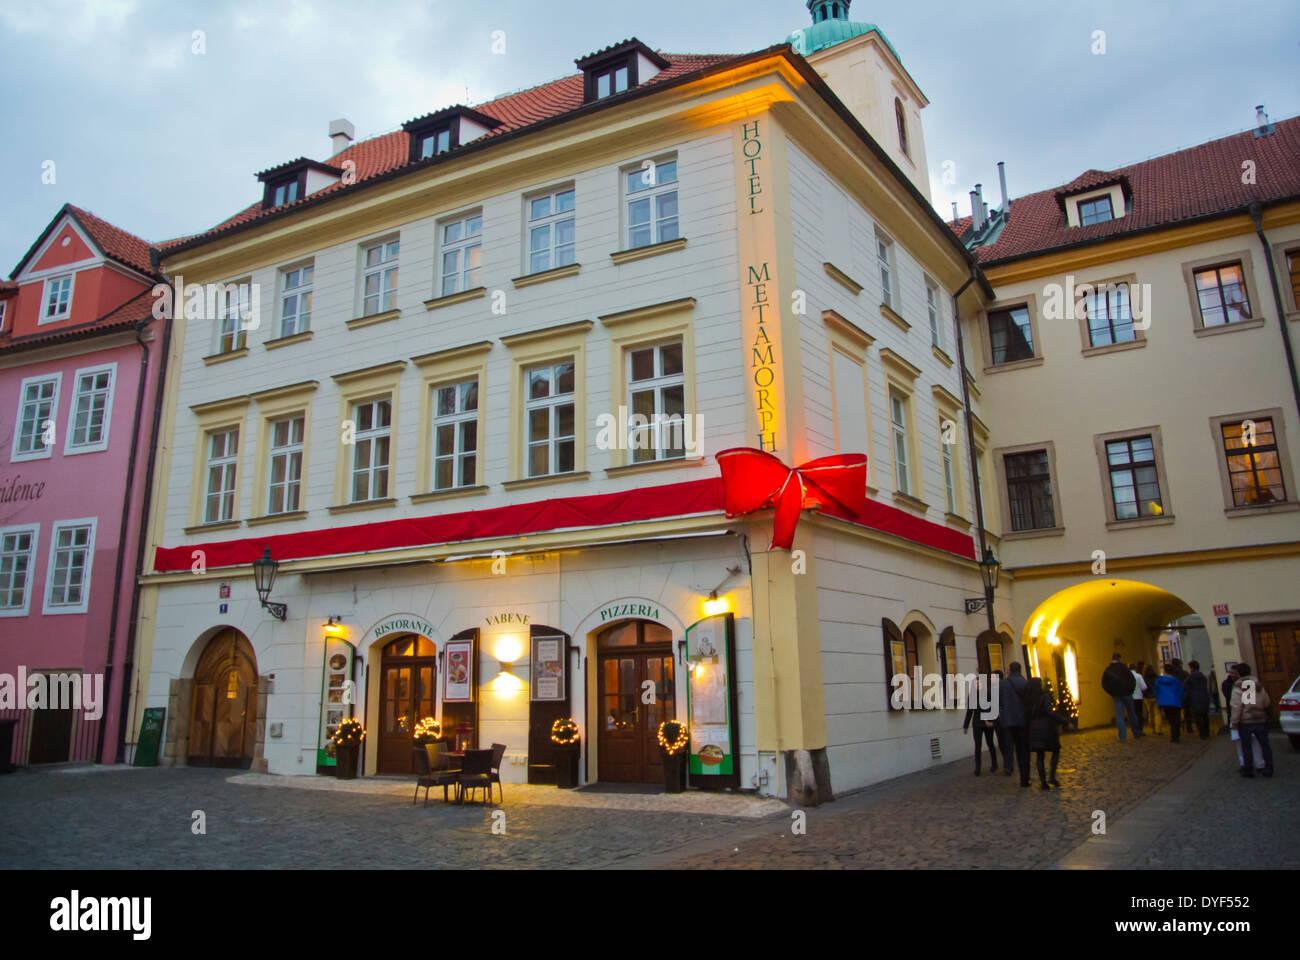 Hotel metamorphis ungelt courtyard old town prague for Europe hotel prague